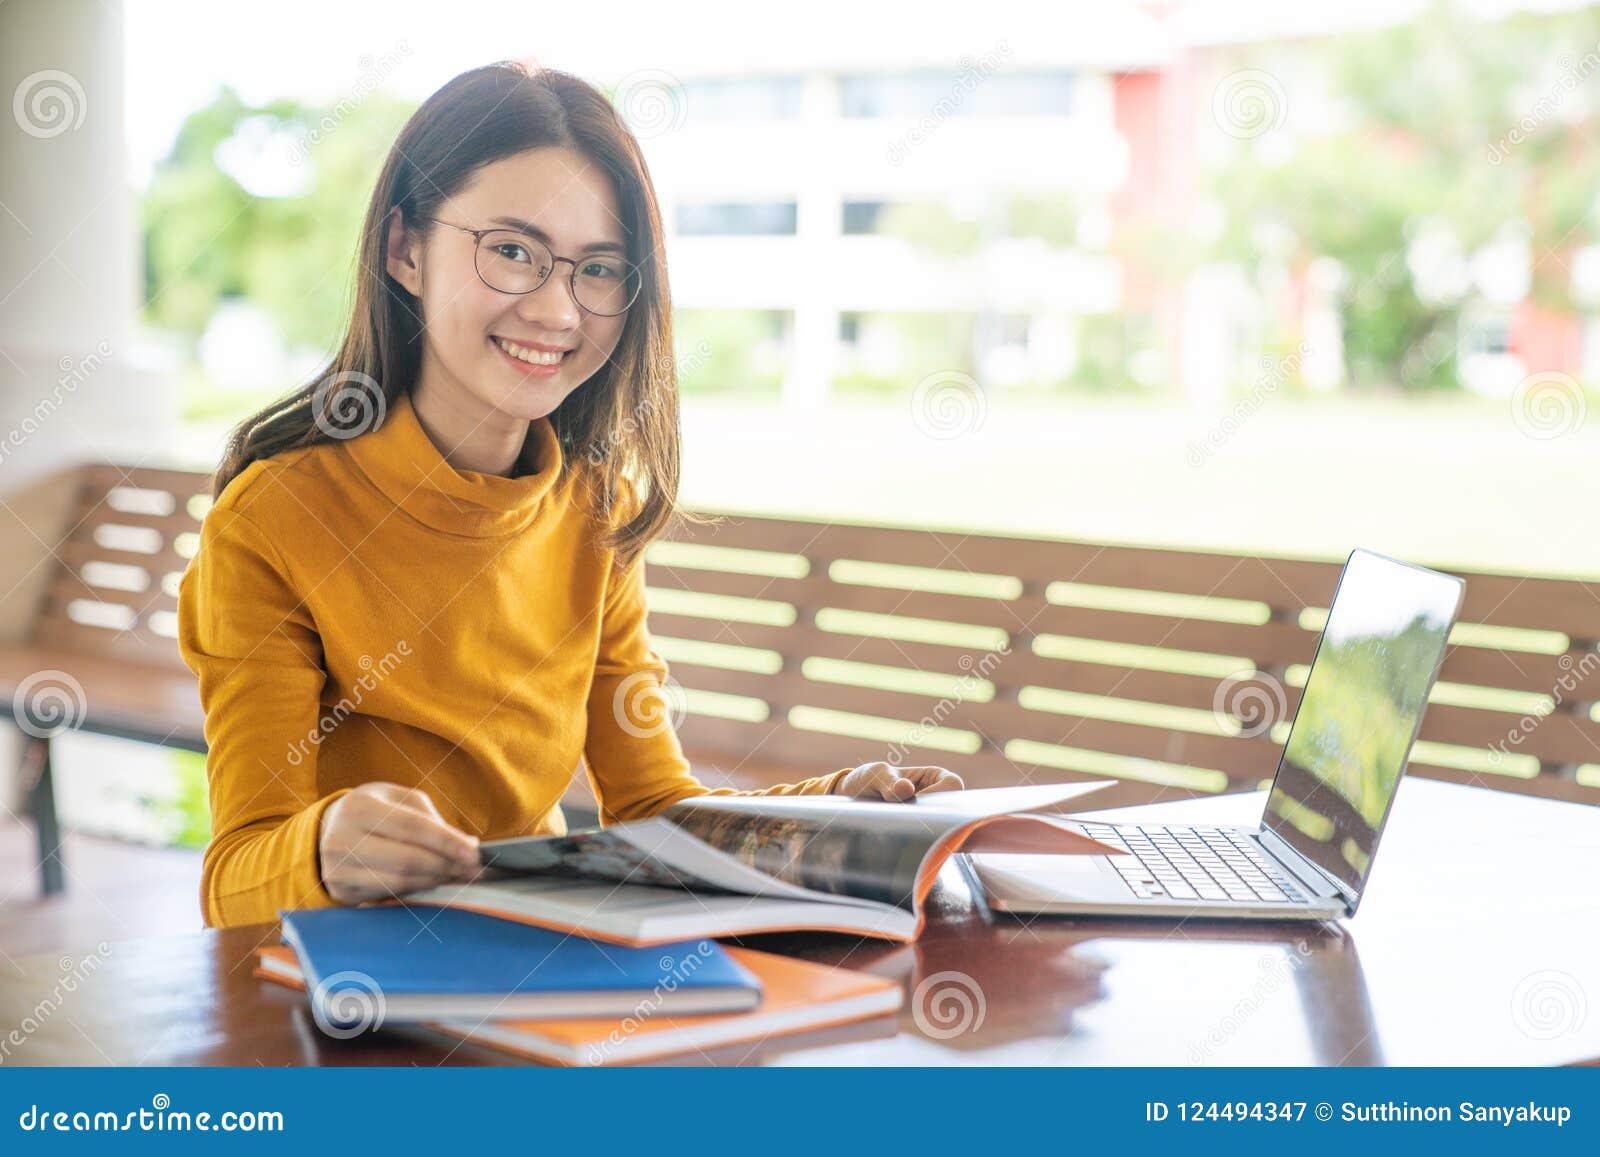 Zurück zu Schulbildungswissenscollege-Hochschulkonzept junge Leute, die Gebrauchtgeräte- sind und Tablette, Bildung und technolo